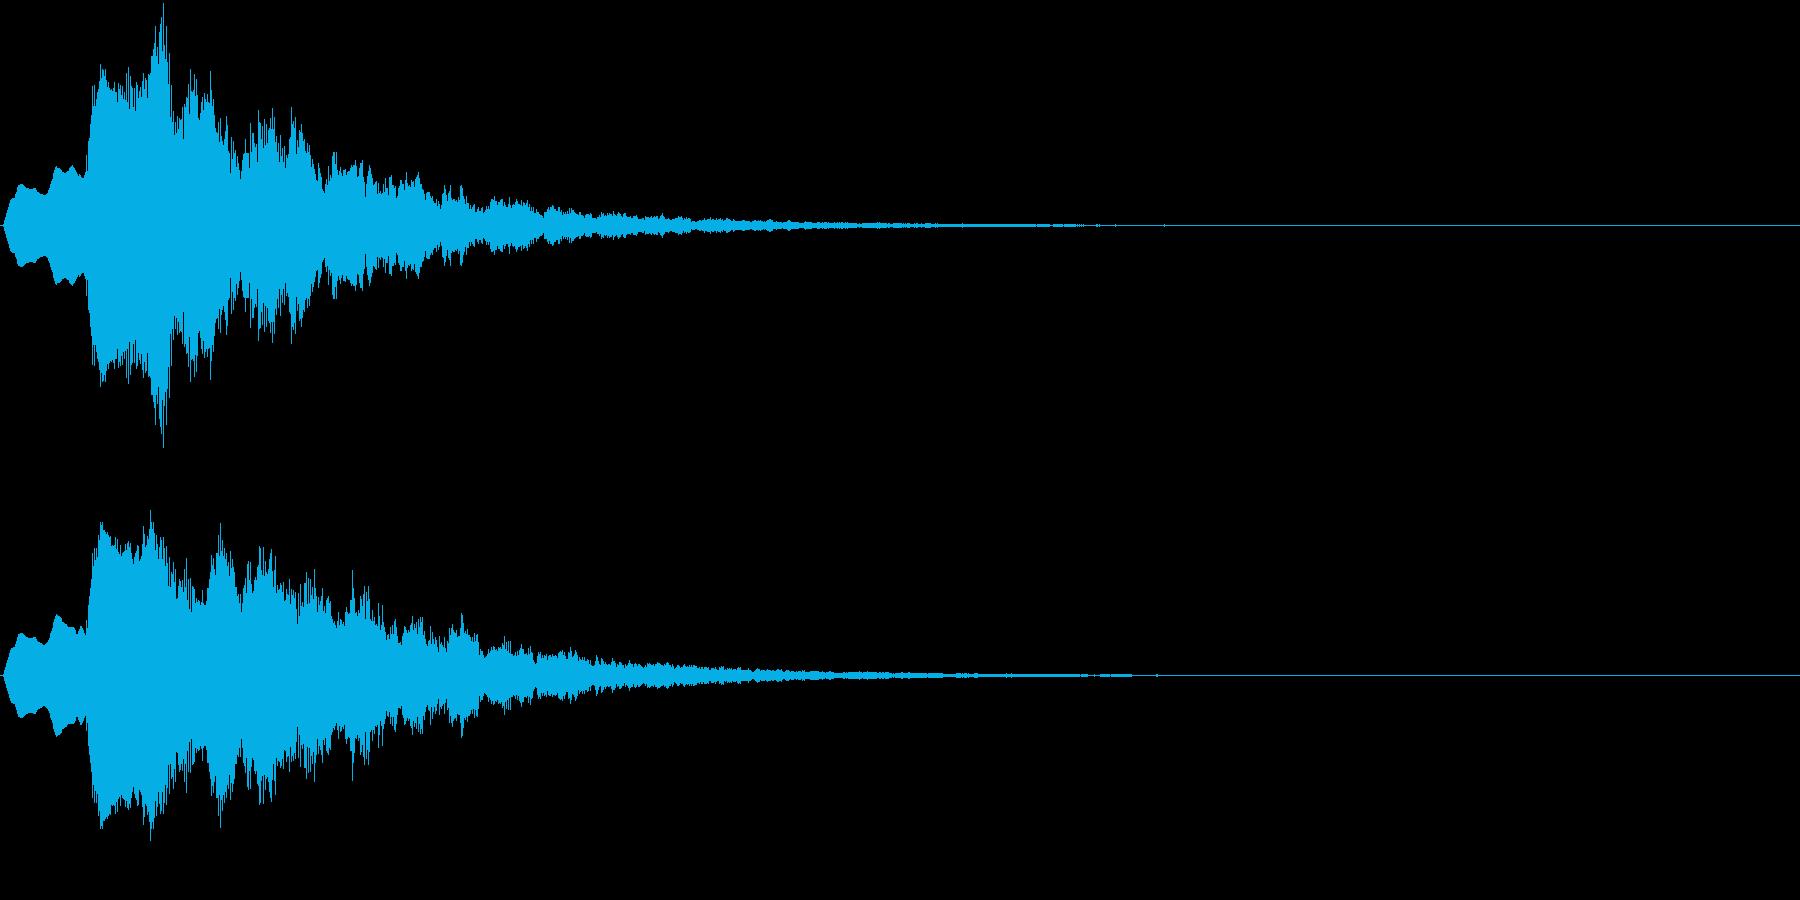 ティラリラン タイトルスーパー ロゴ音1の再生済みの波形